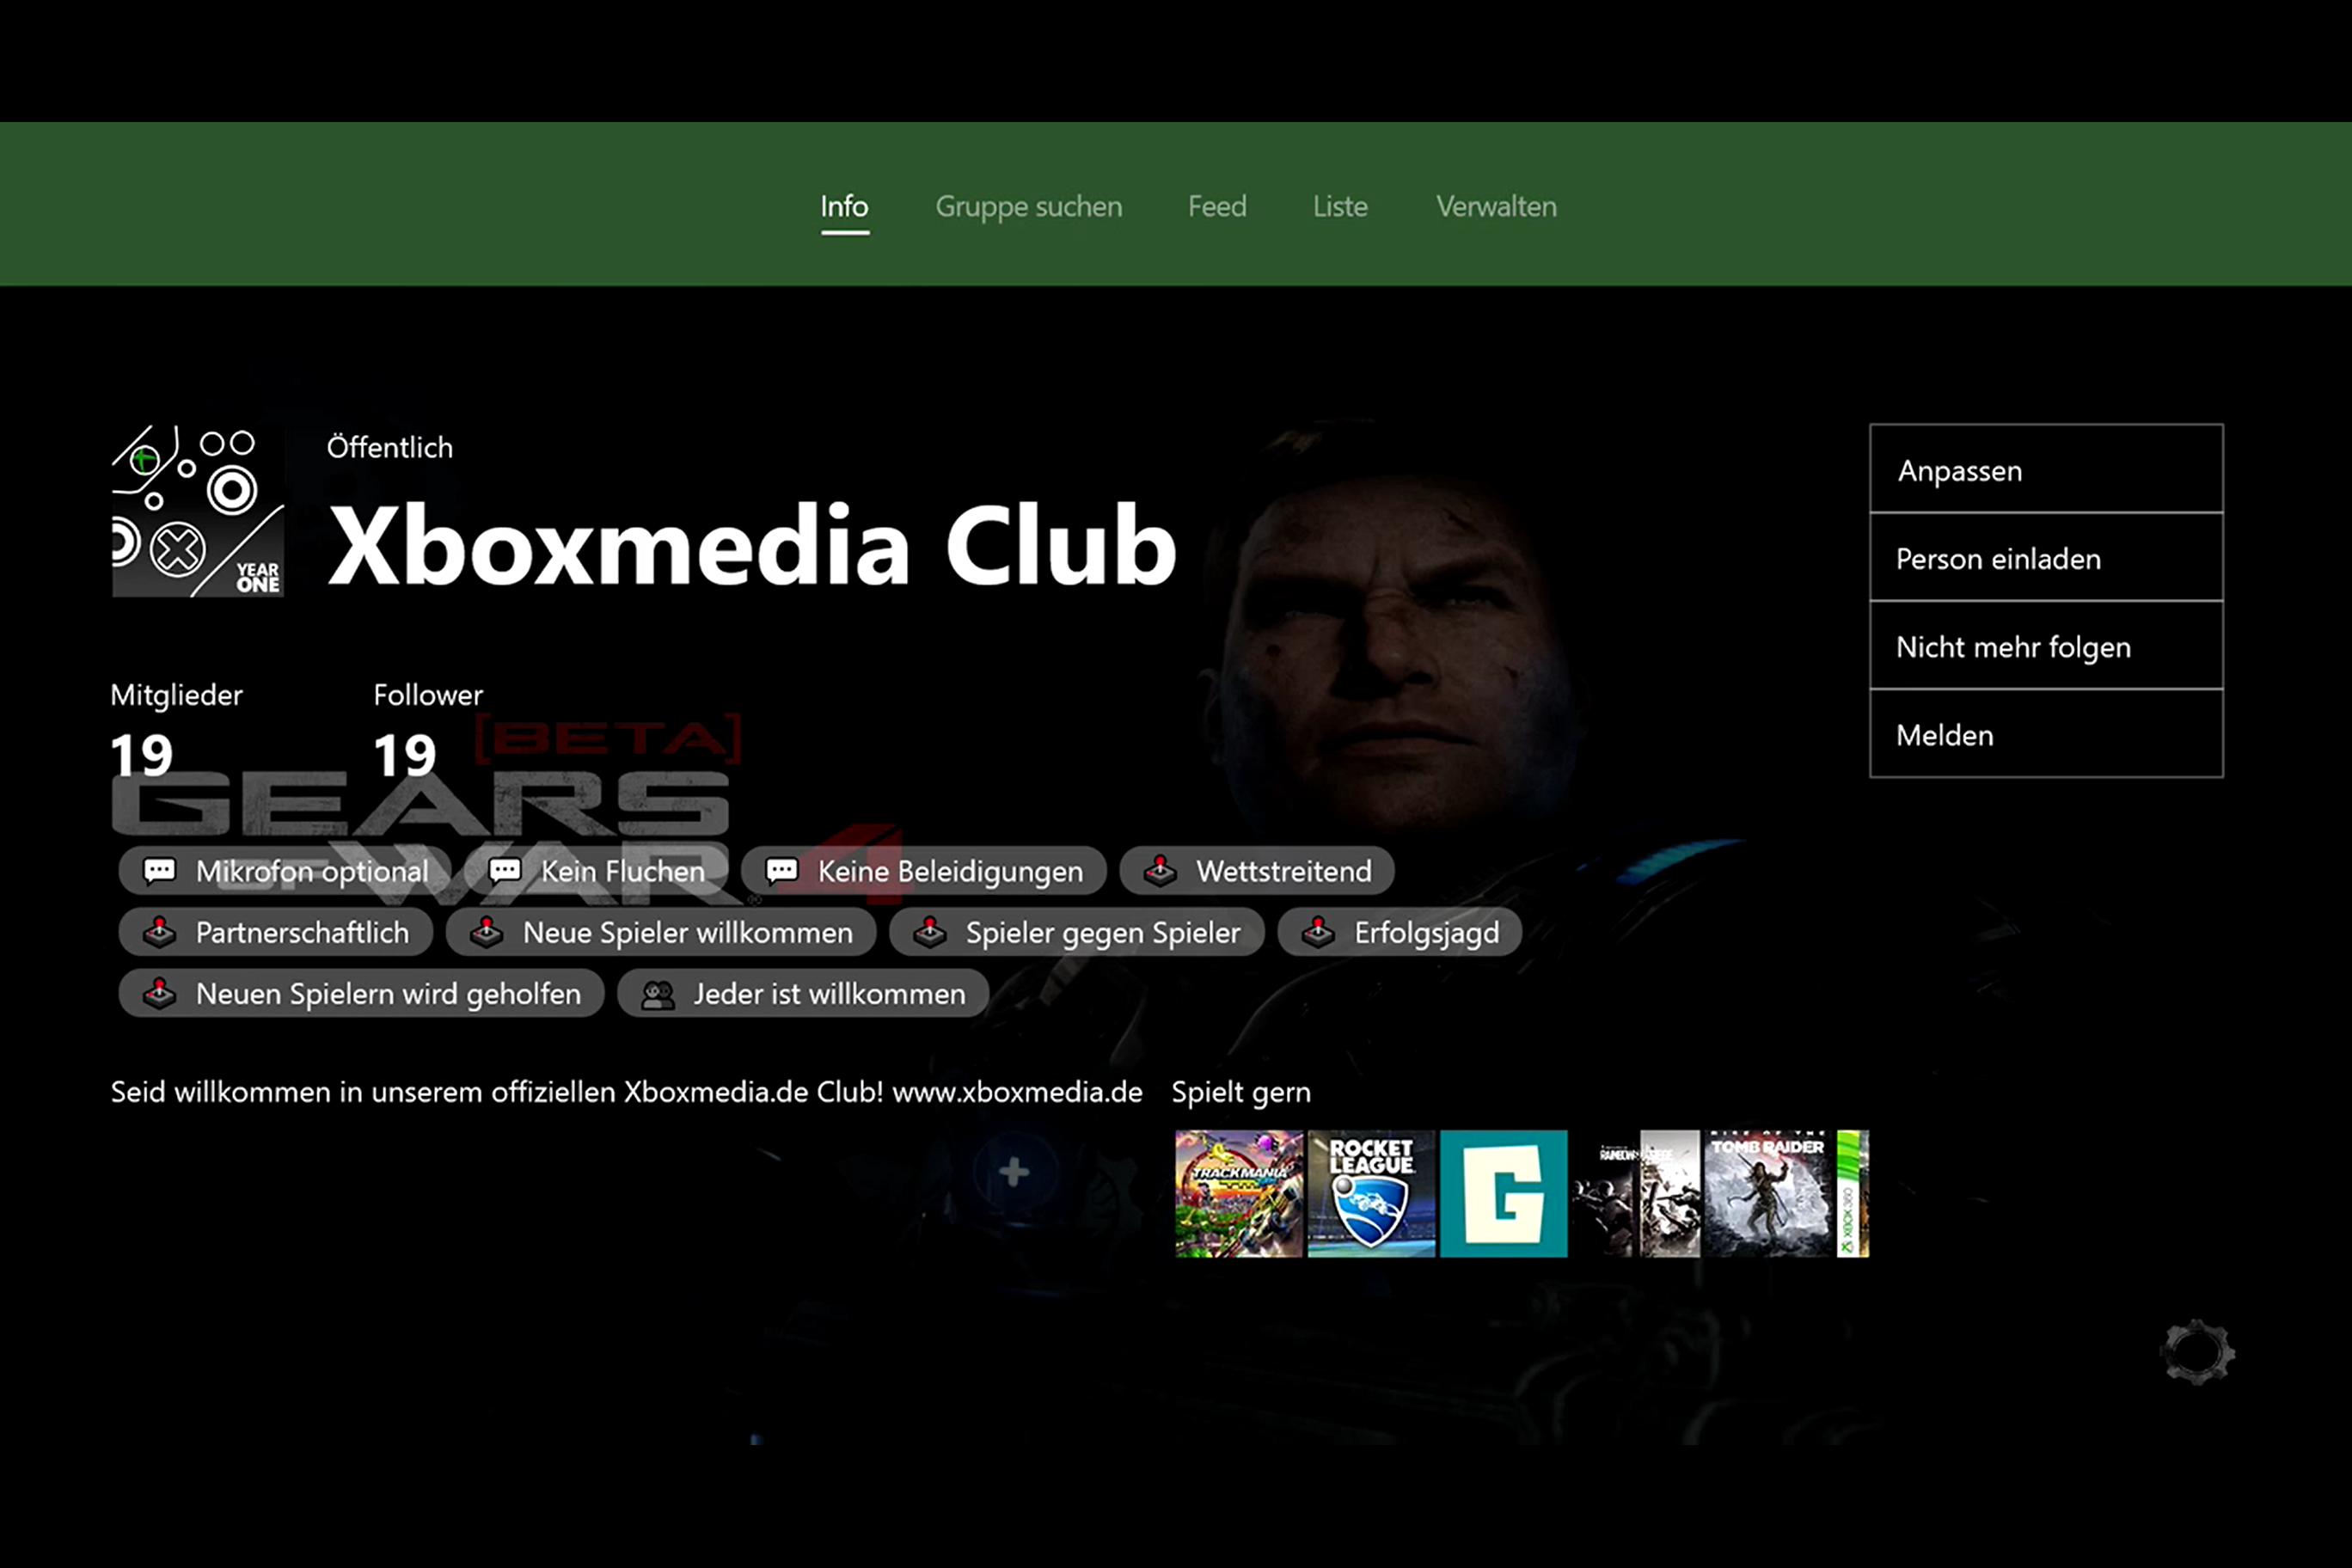 Xbox One Dashboard - Clubs